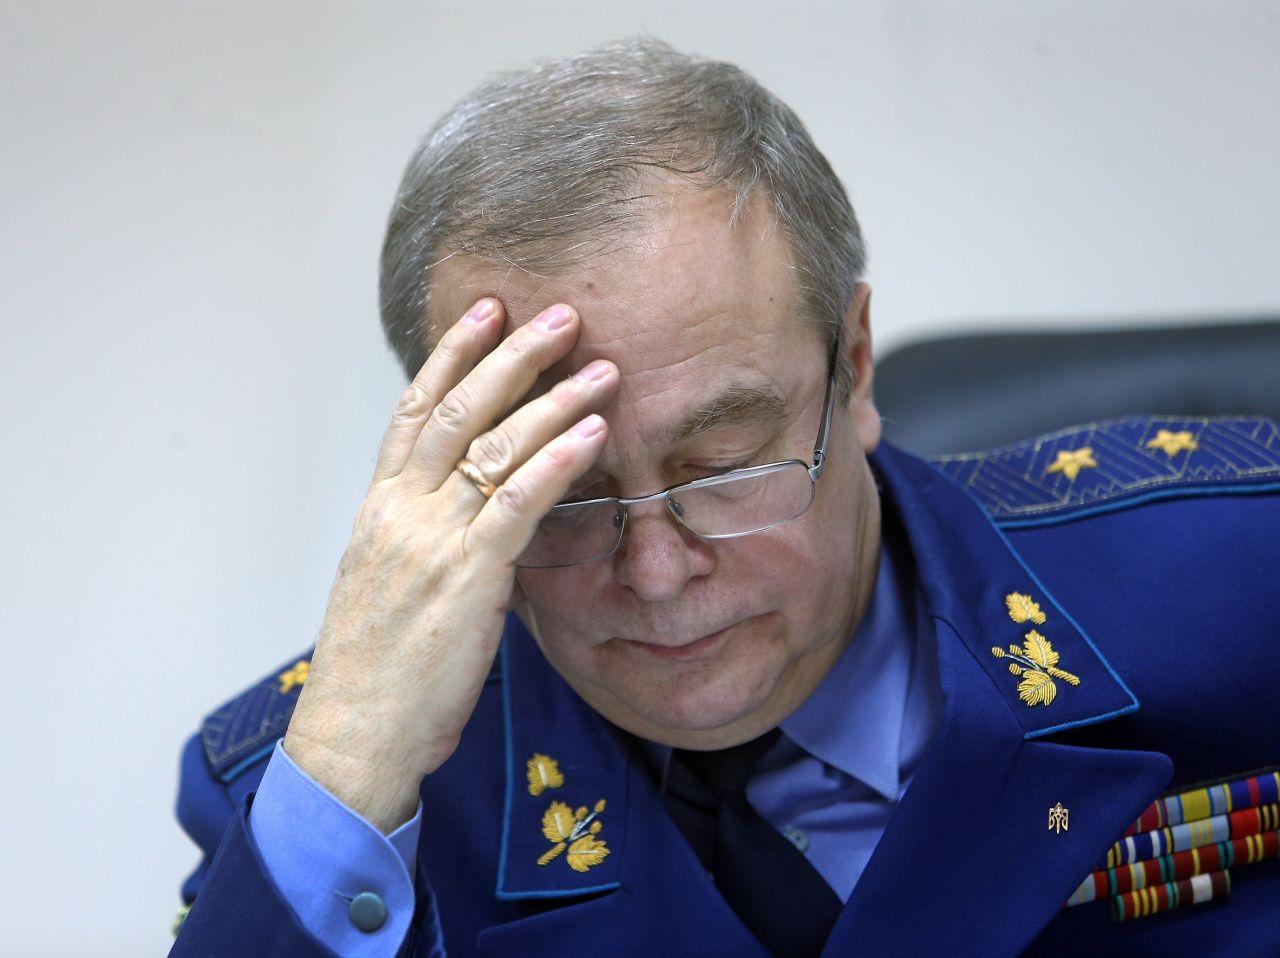 «Доболтаются — останутся с пятью областями»: Сеть ответила украинскому генералу, мечтающему захватить часть России